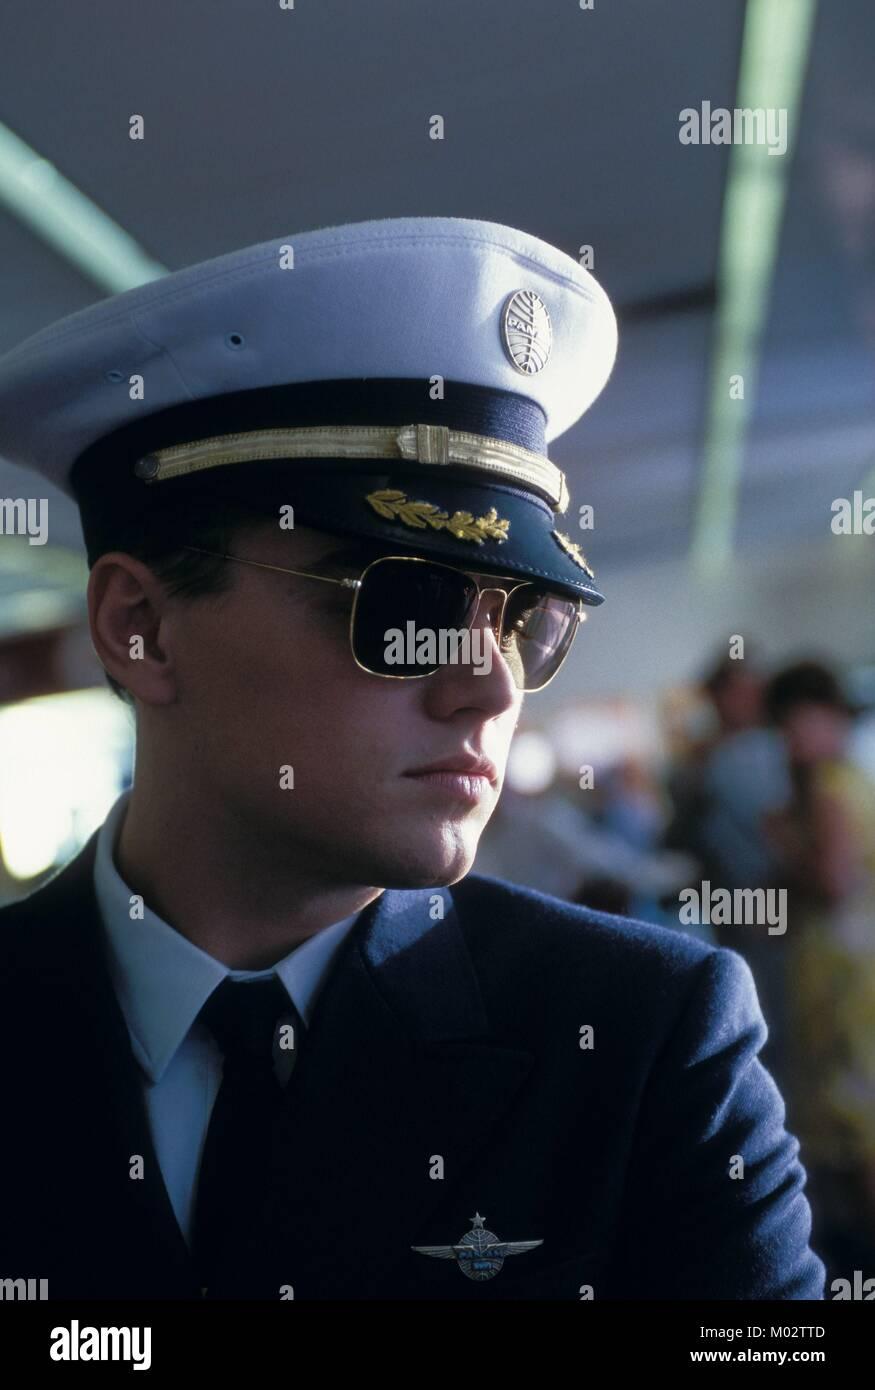 Attrape-moi Si Tu Peux : attrape-moi, Arrete-moi, Stock, Photo, Alamy